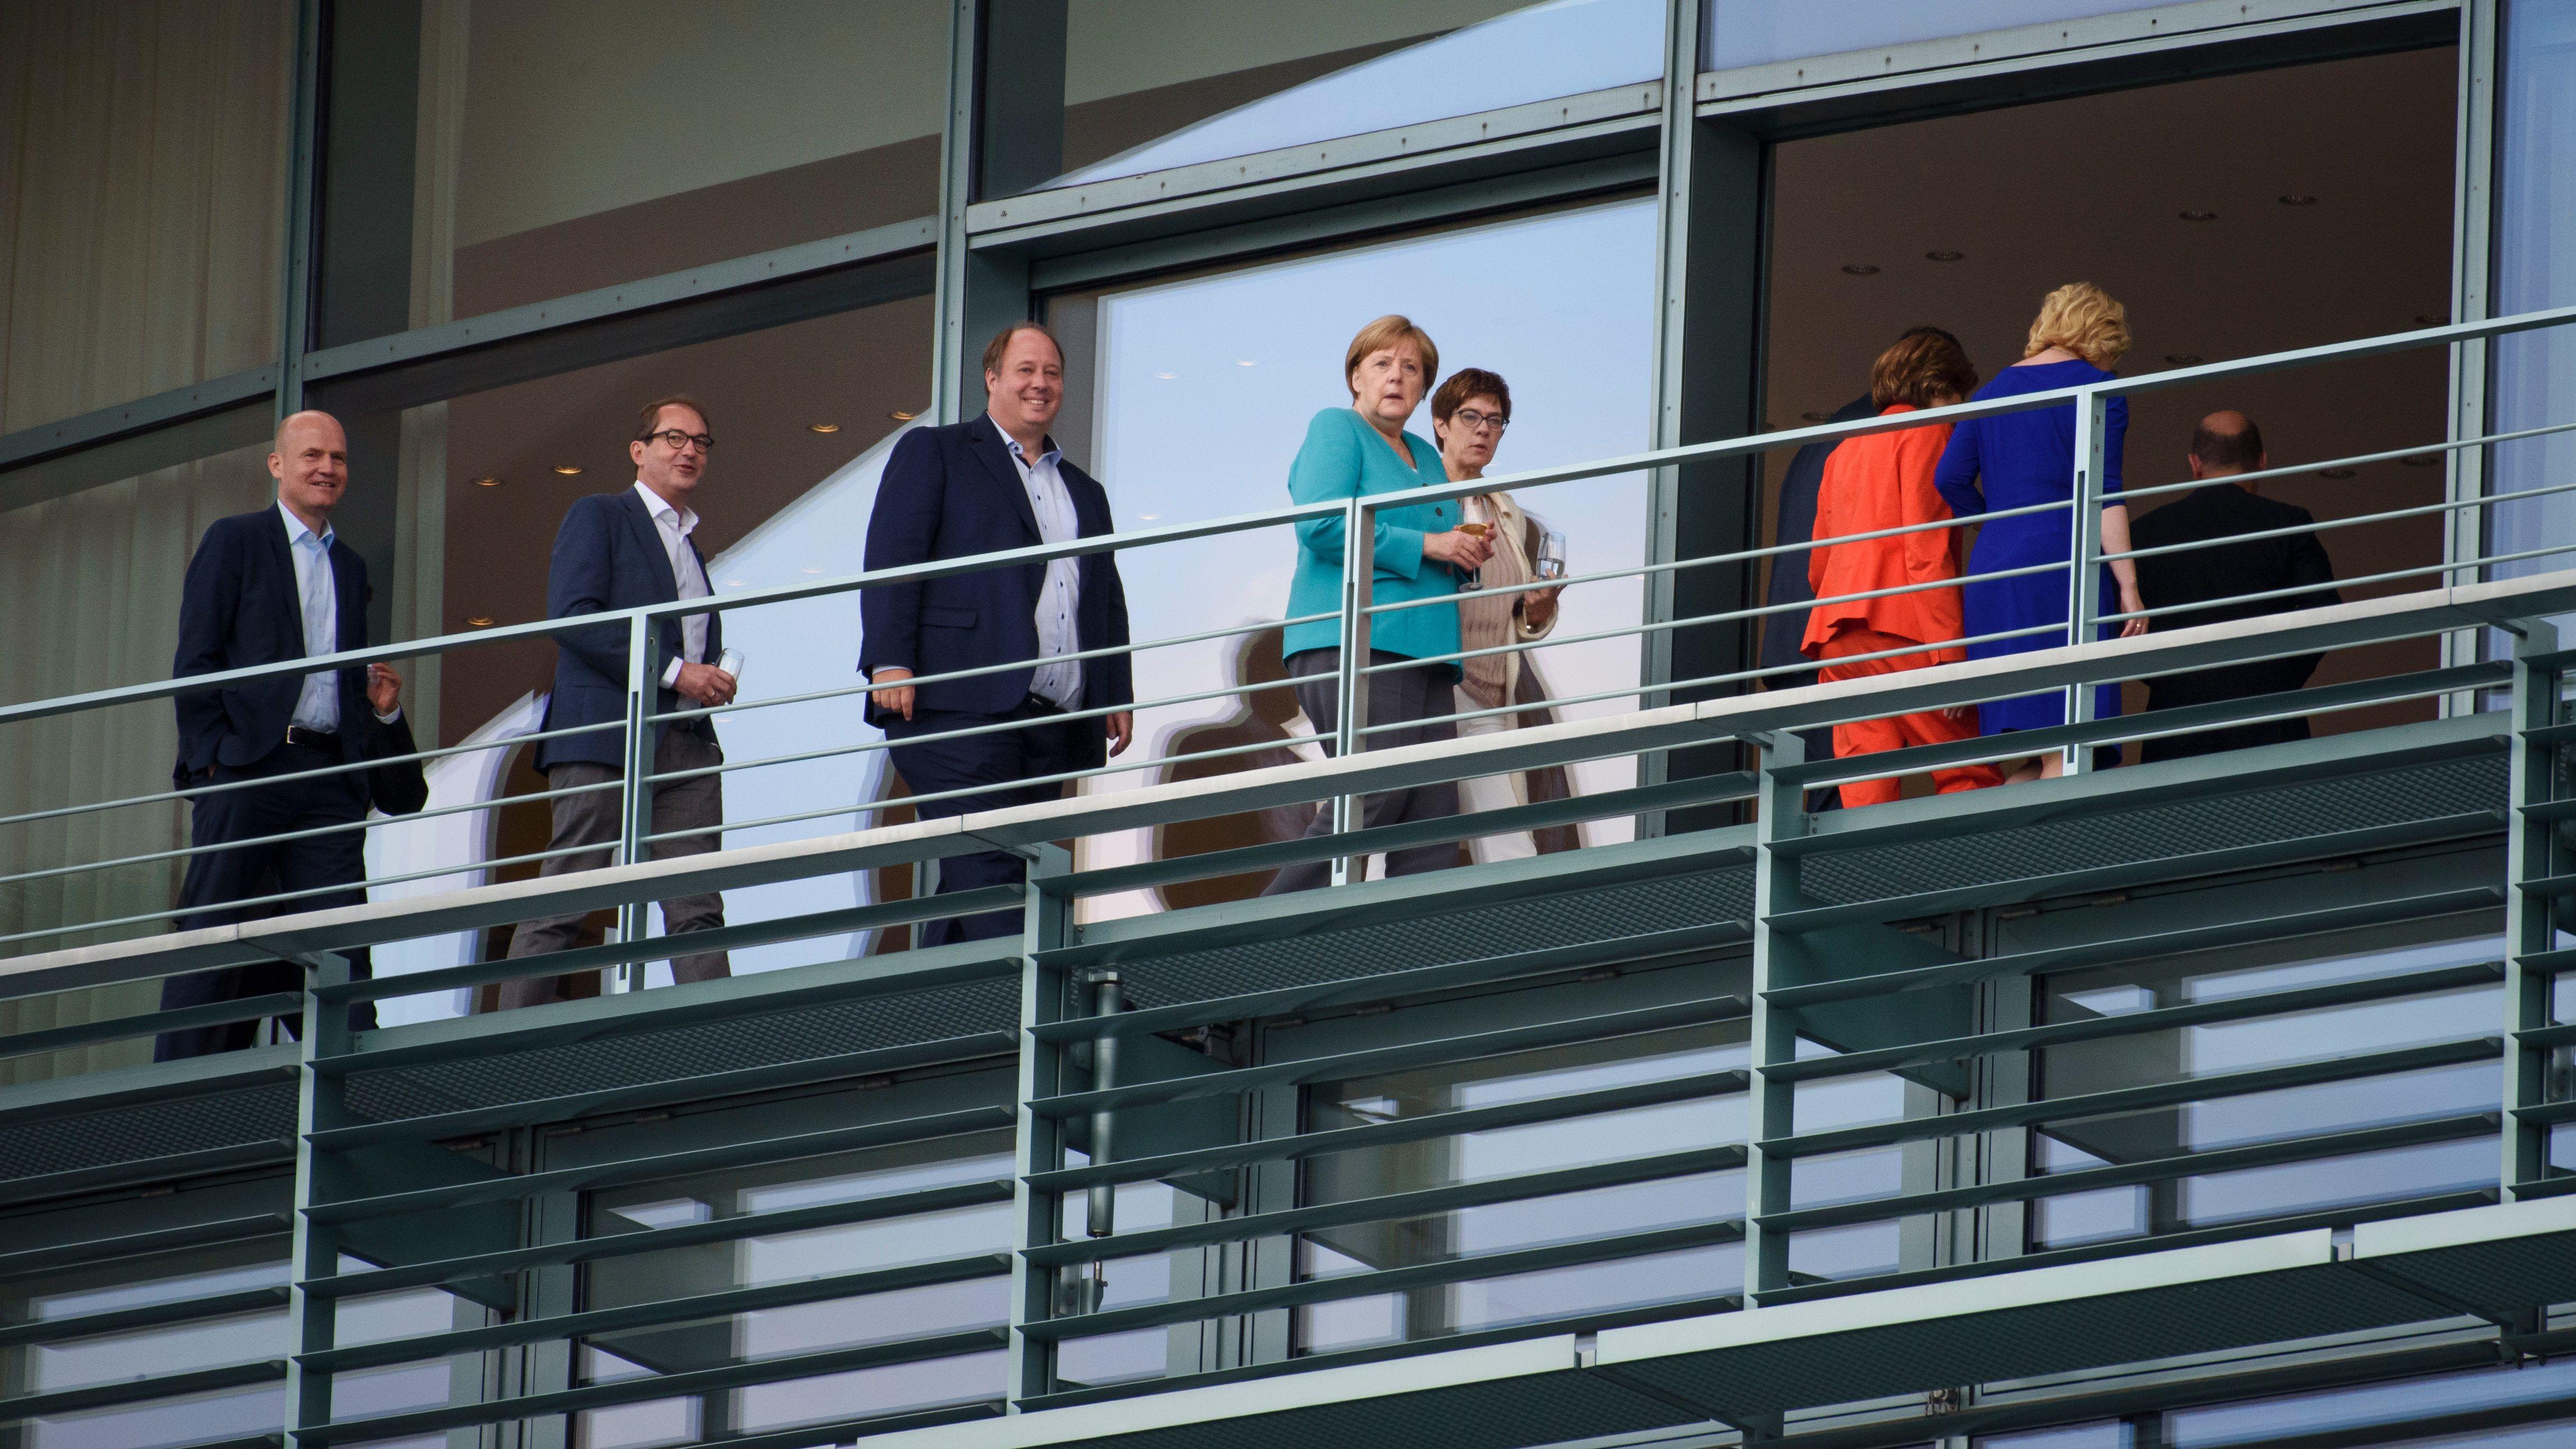 Berlin: Regierungsvertreter gehen vor Beginn eines Treffens des Koalitionsausschuss von CDU'/CSU und SPD über einen Balkon im Bundeskanzleramt.